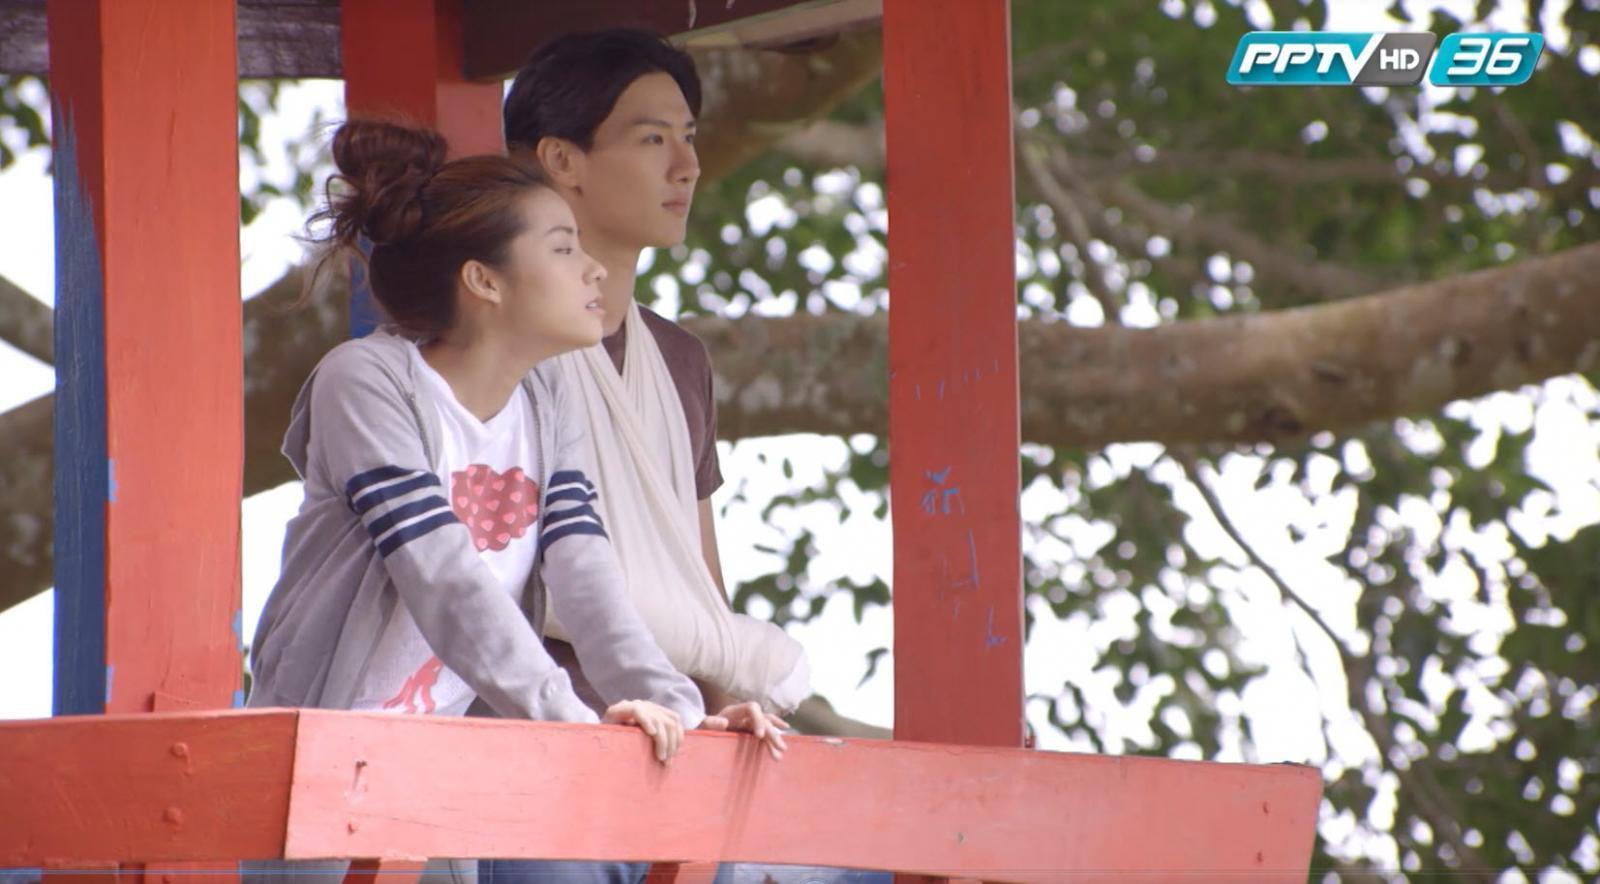 รักนิรันดร์ Ost. มิติรักผ่านเลนส์ ตอน หมอกสีจางกับน้ำค้างสีชมพู   จอห์นนี่ ห่าว   Official MV